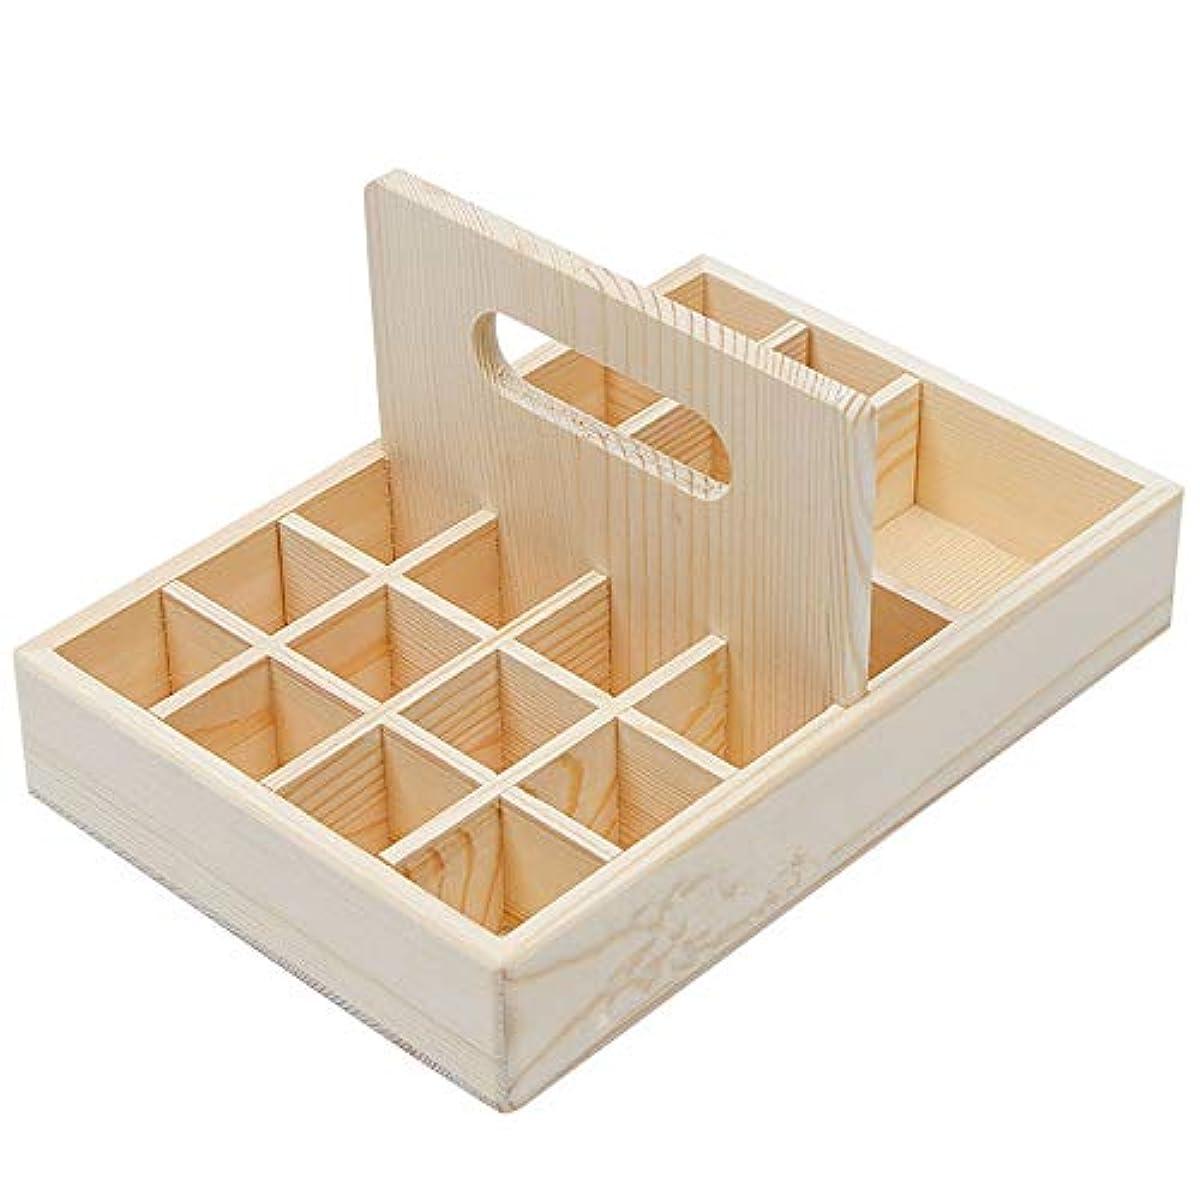 アーサー幸福シードエッセンシャルオイル収納ボックス エッセンシャルオイル香水コレクションディスプレイスタンド 21本用 木製エッセンシャルオイルボックス メイクポーチ 精油収納ケース 携帯用 自然ウッド精油収納ボックス 香水収納ケース